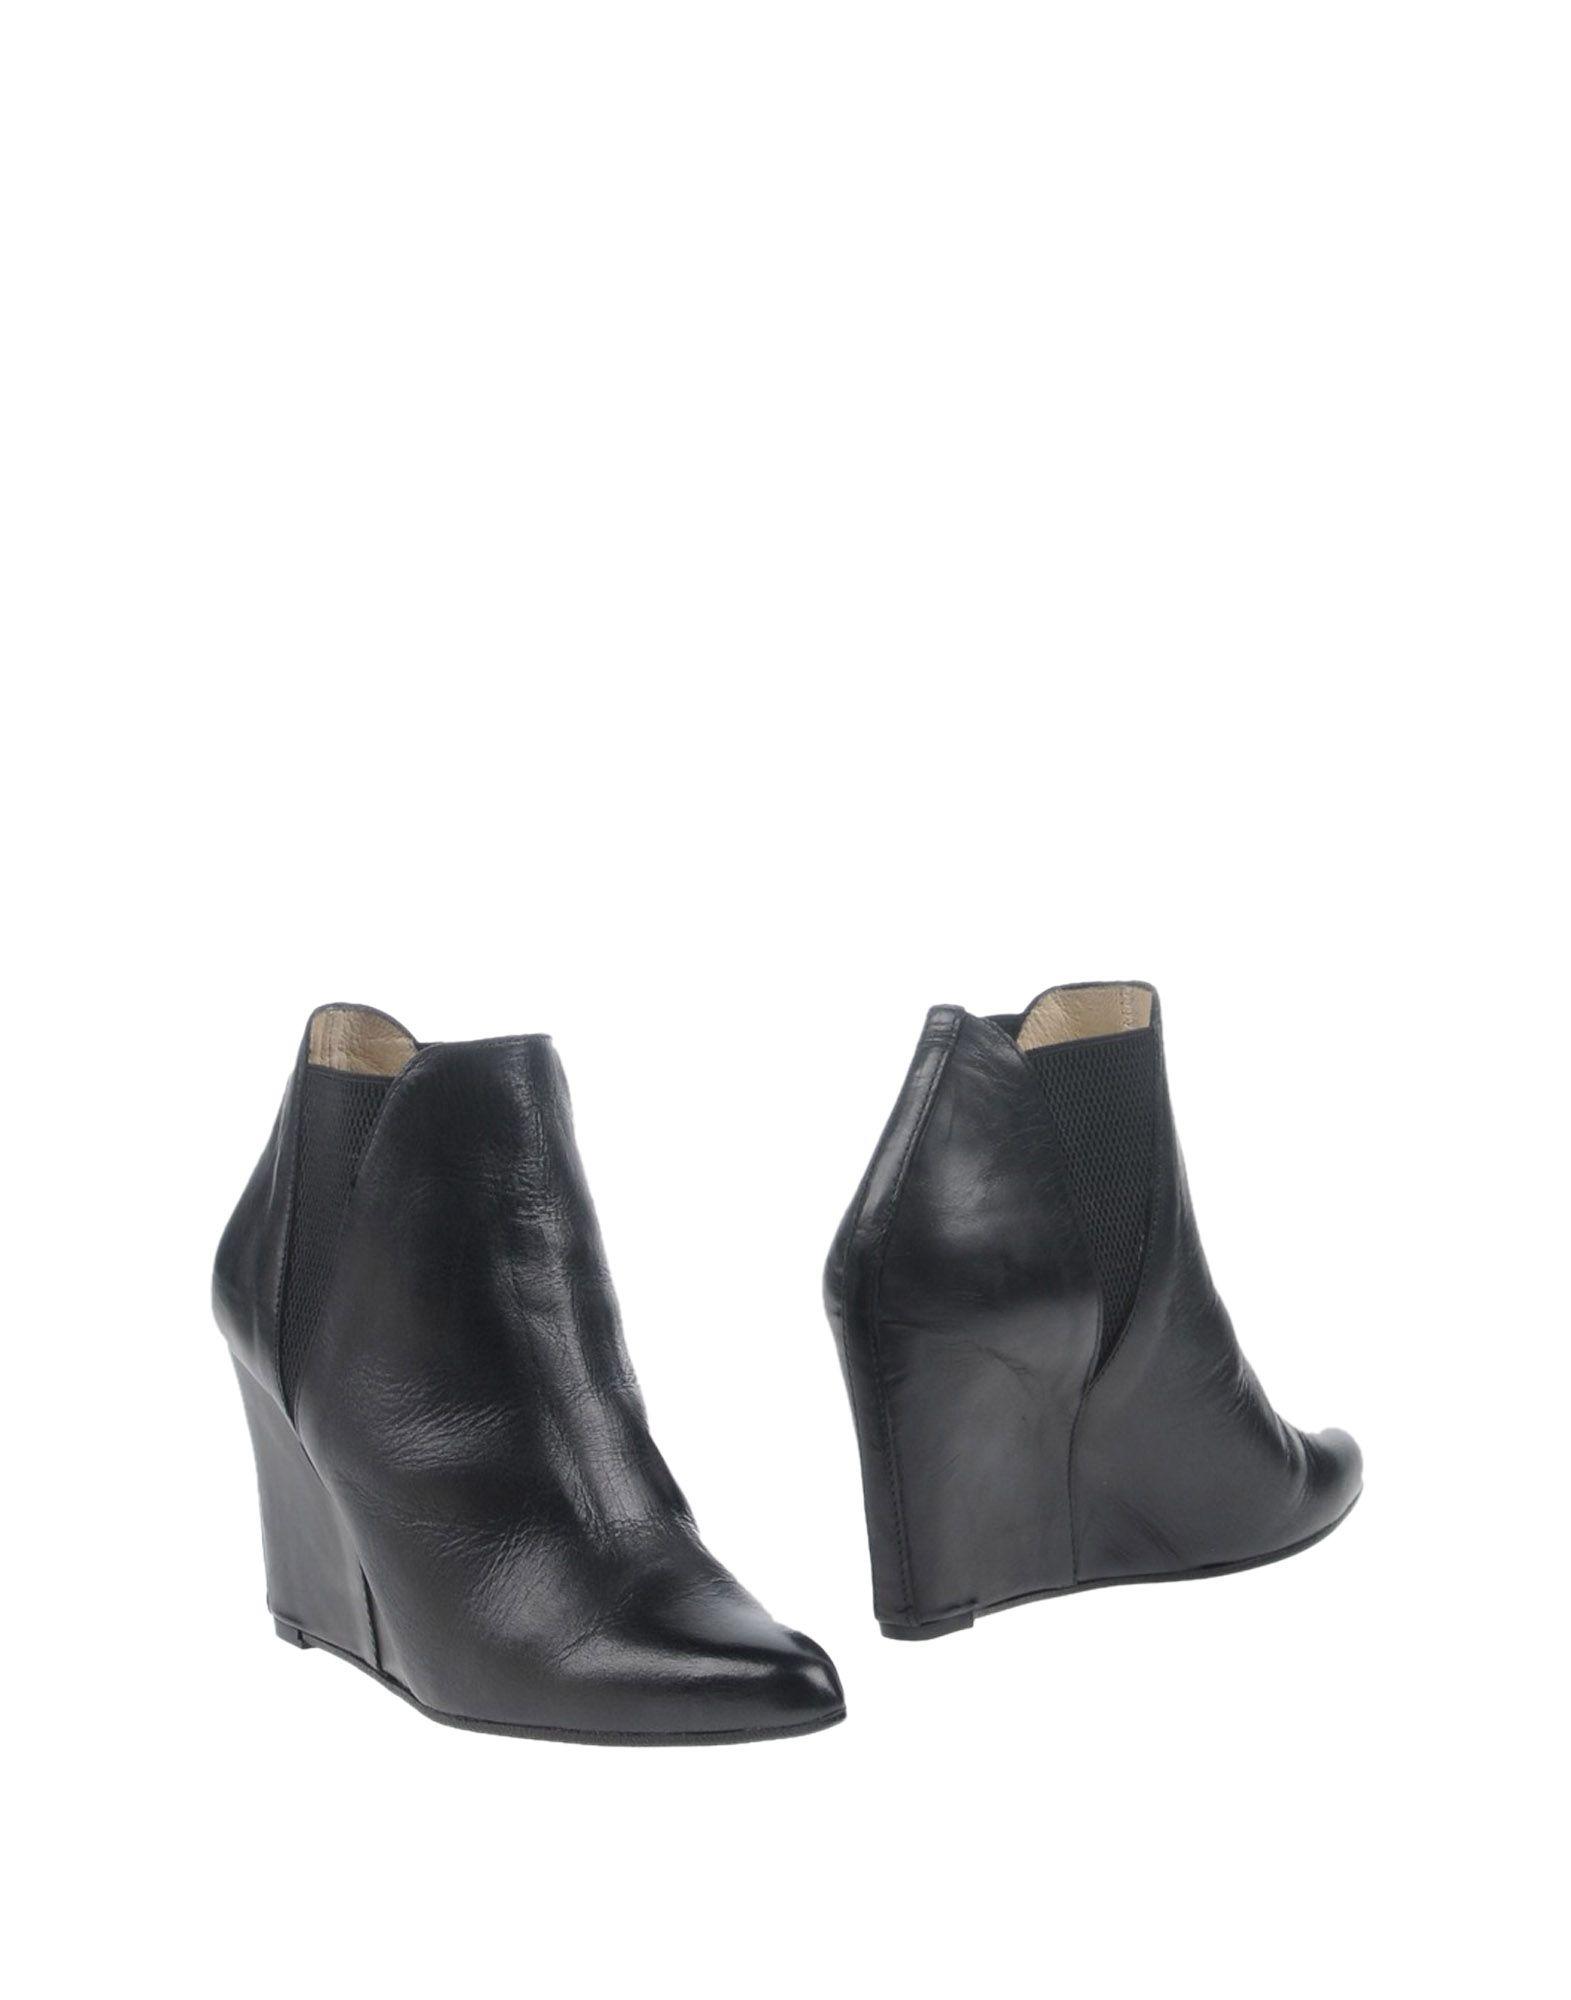 IVYLEE COPENHAGEN Полусапоги и высокие ботинки ivylee copenhagen полусапоги и высокие ботинки